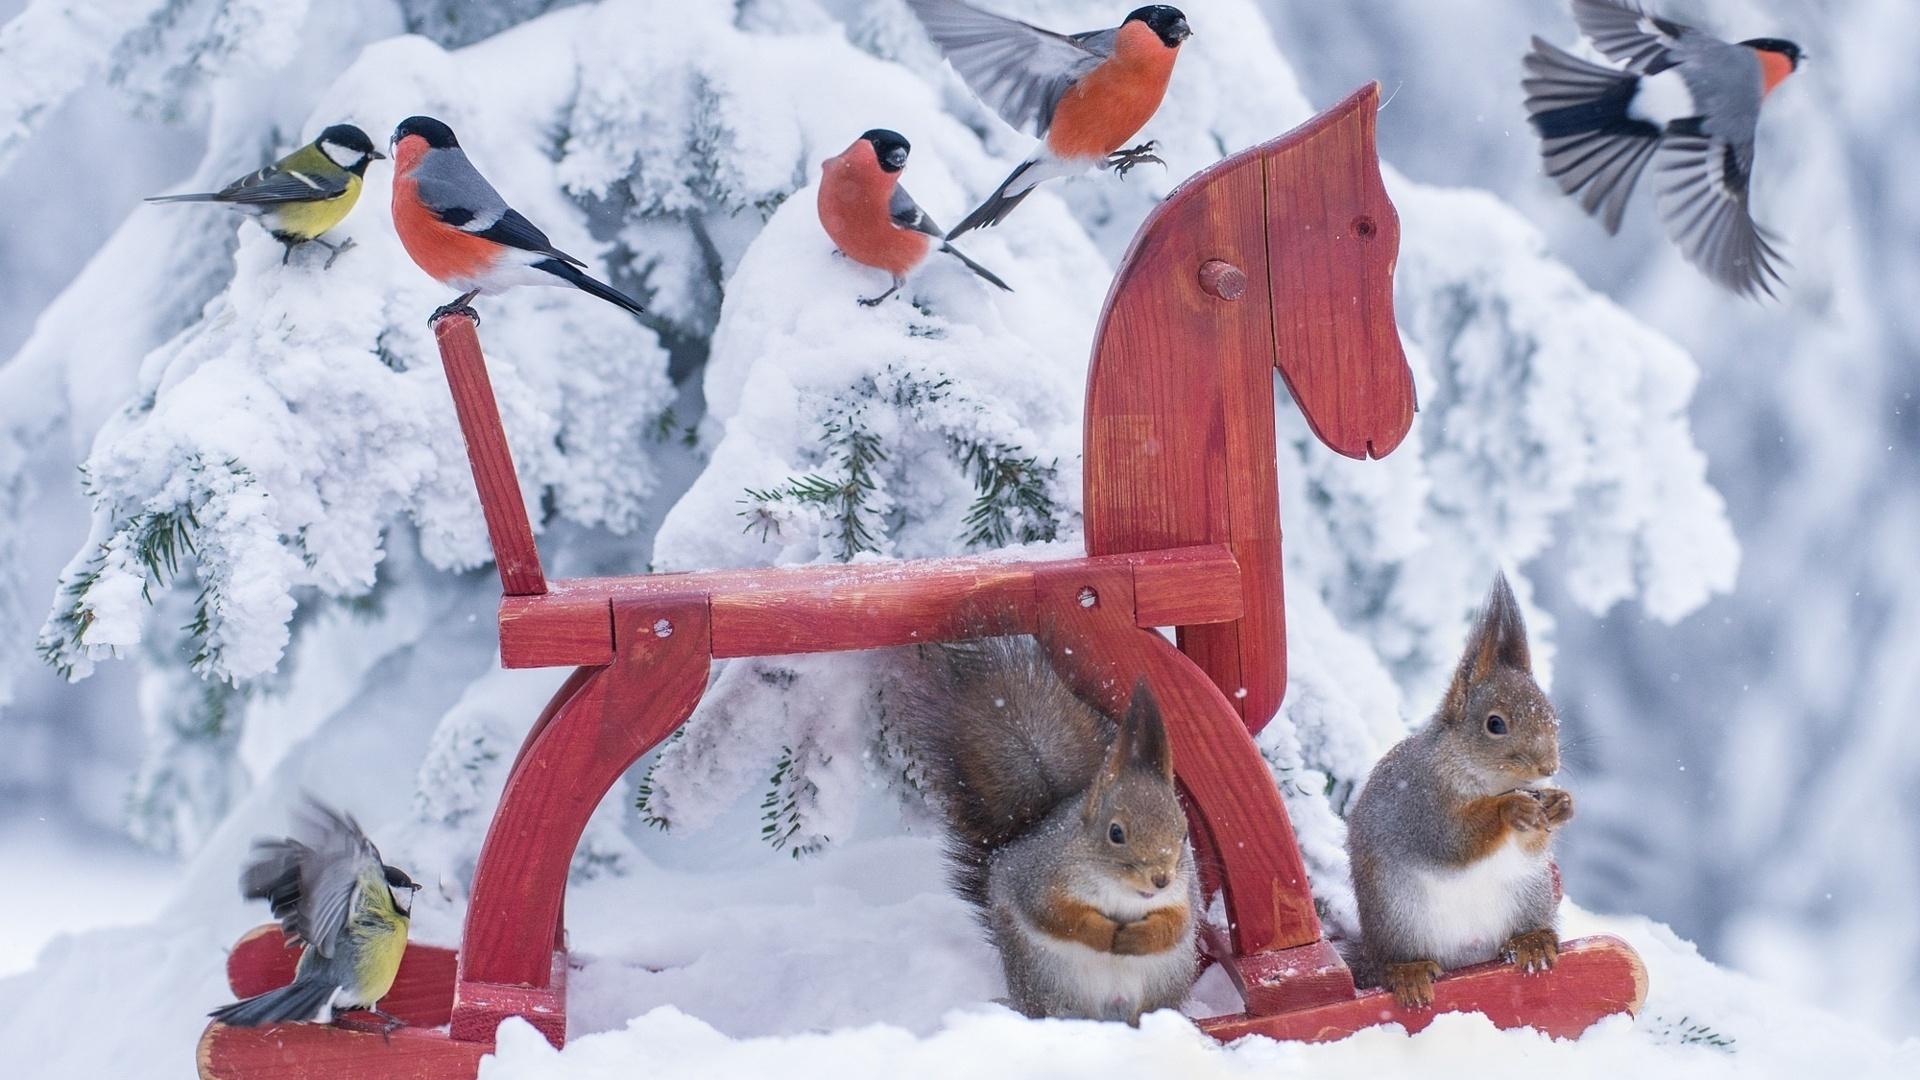 птички белочки зима снег